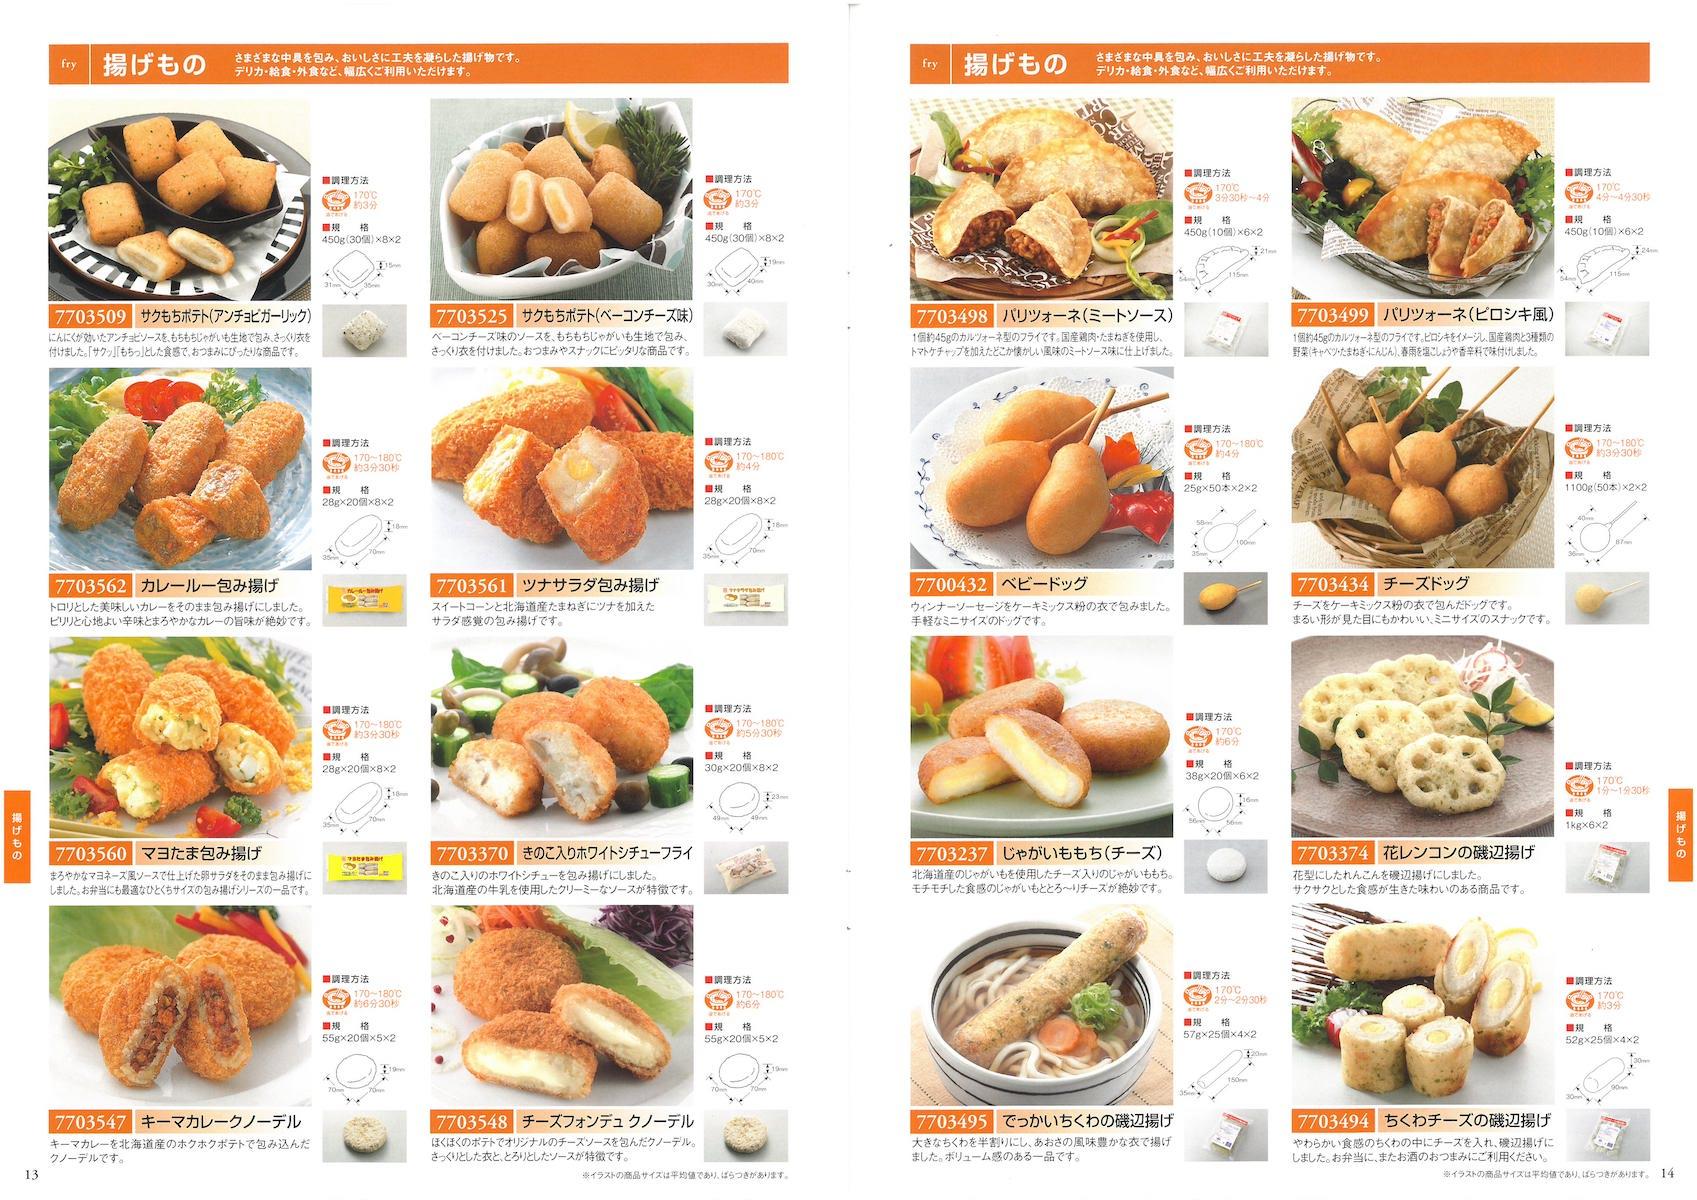 ケイエス冷凍食品 業務用総合カタログ2019